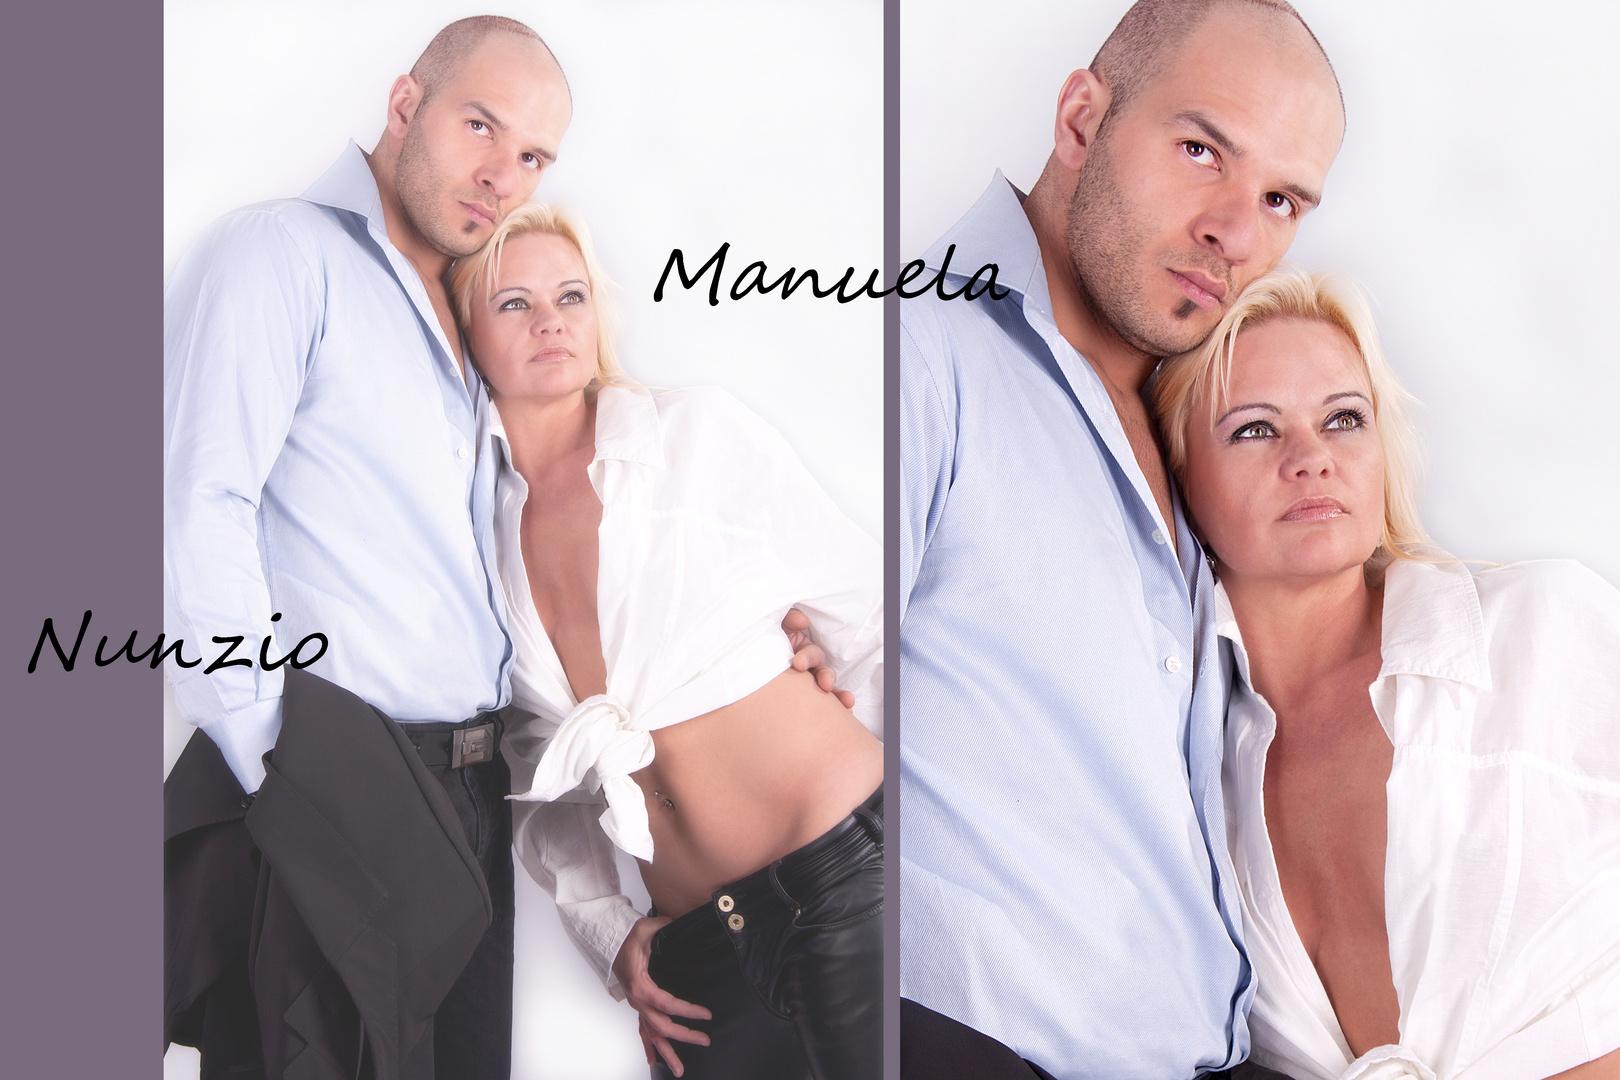 Manuela und Nunzio